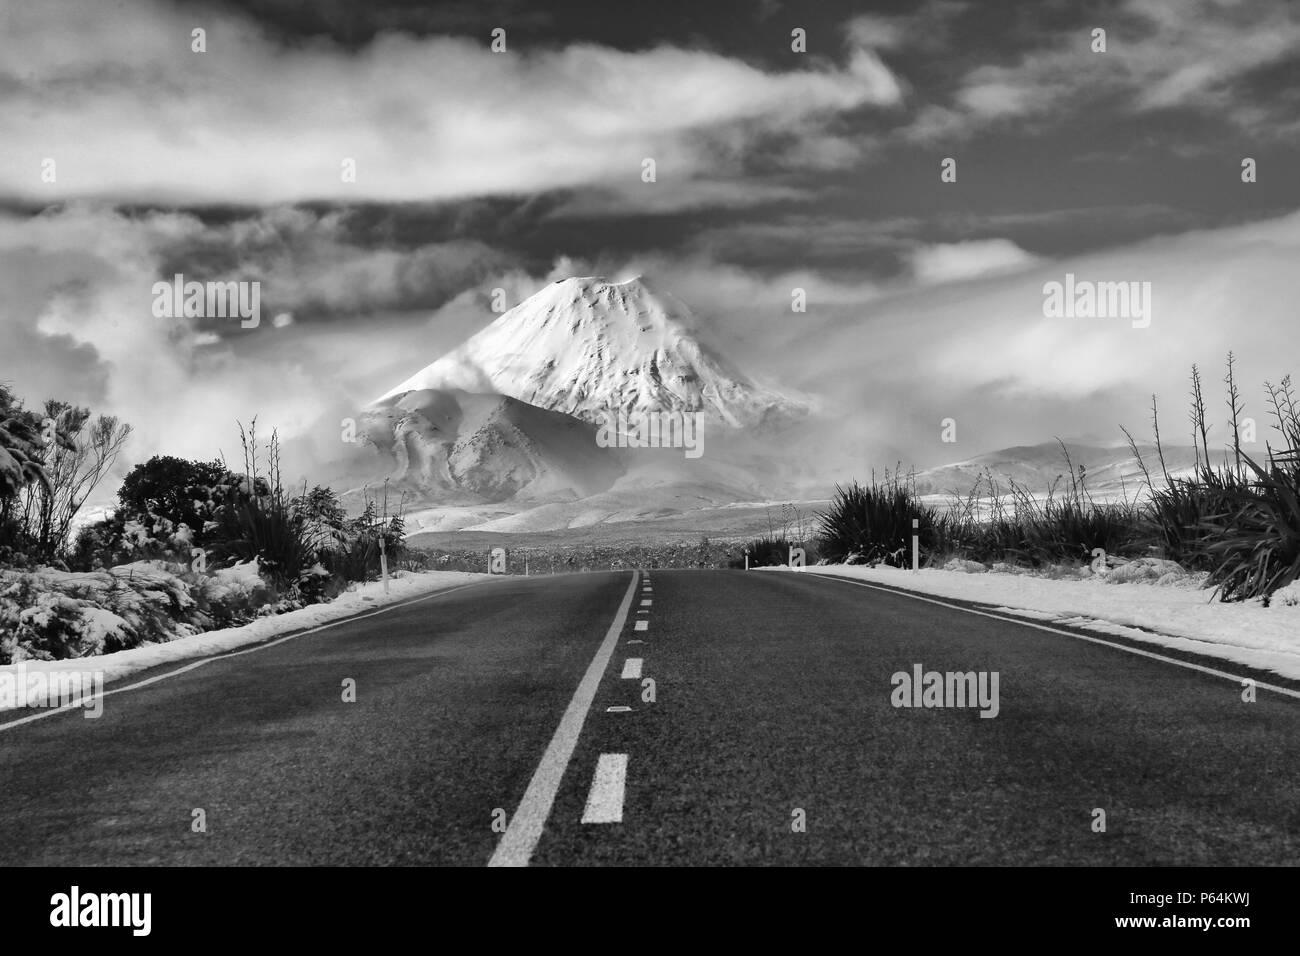 Mount Ngauruhoe - Stock Image